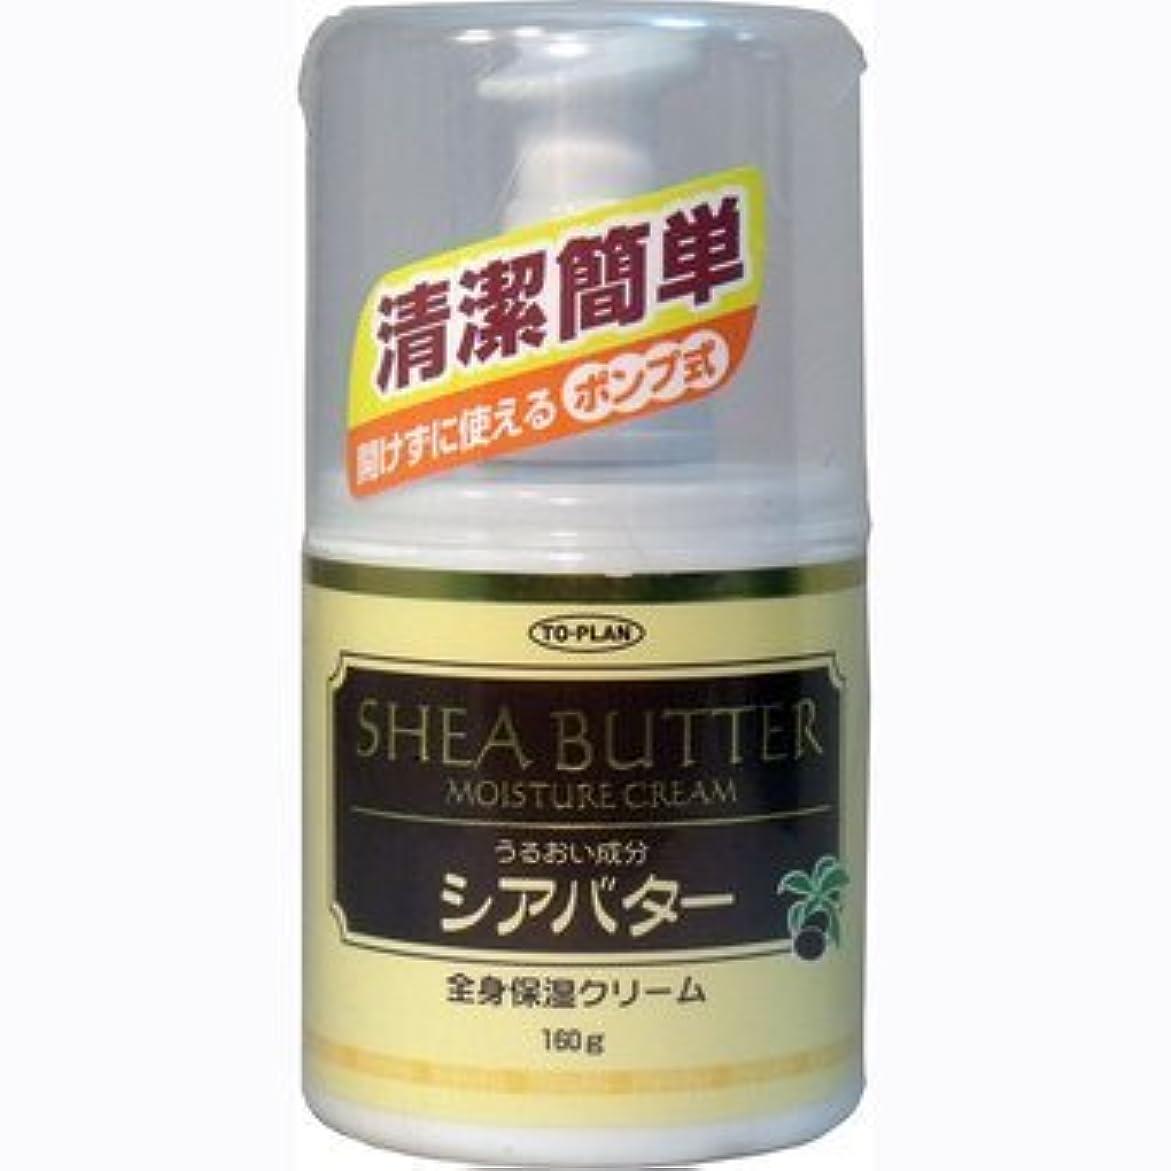 ボイドこれら野望トプランお肌の乾燥を防ぐ 全身保湿クリーム シアバター ポンプ式 160g×3個